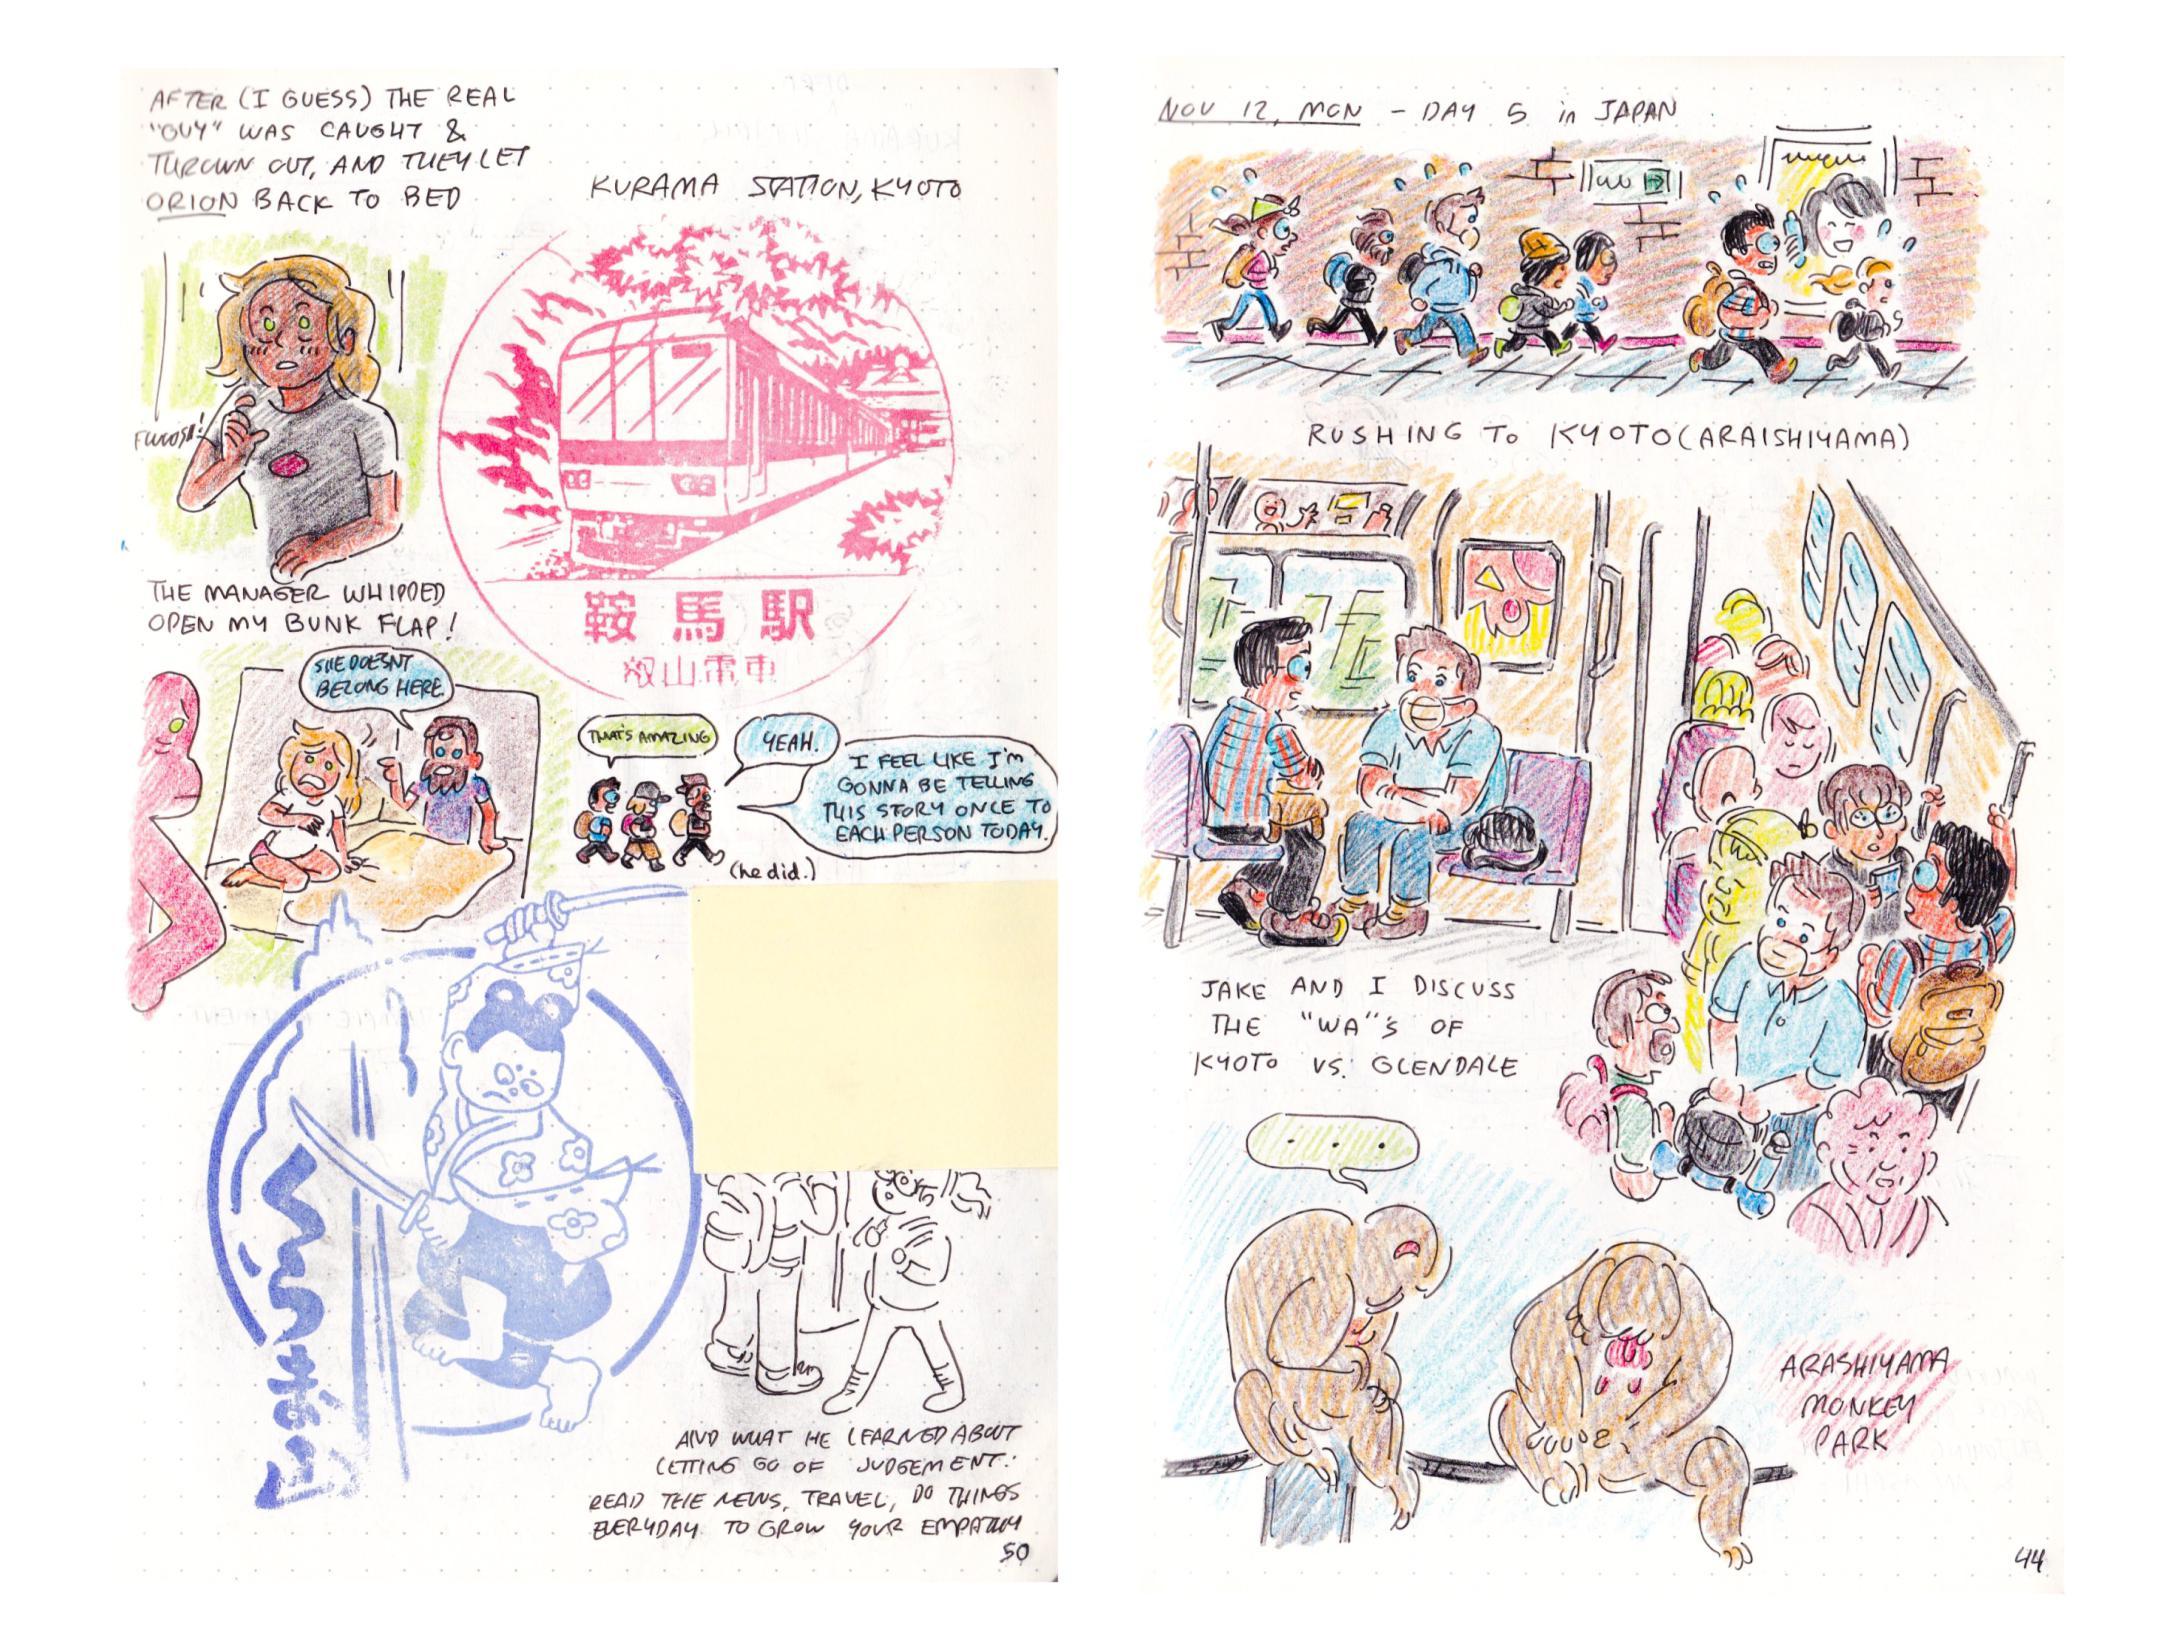 japanjournal-3-03.jpg